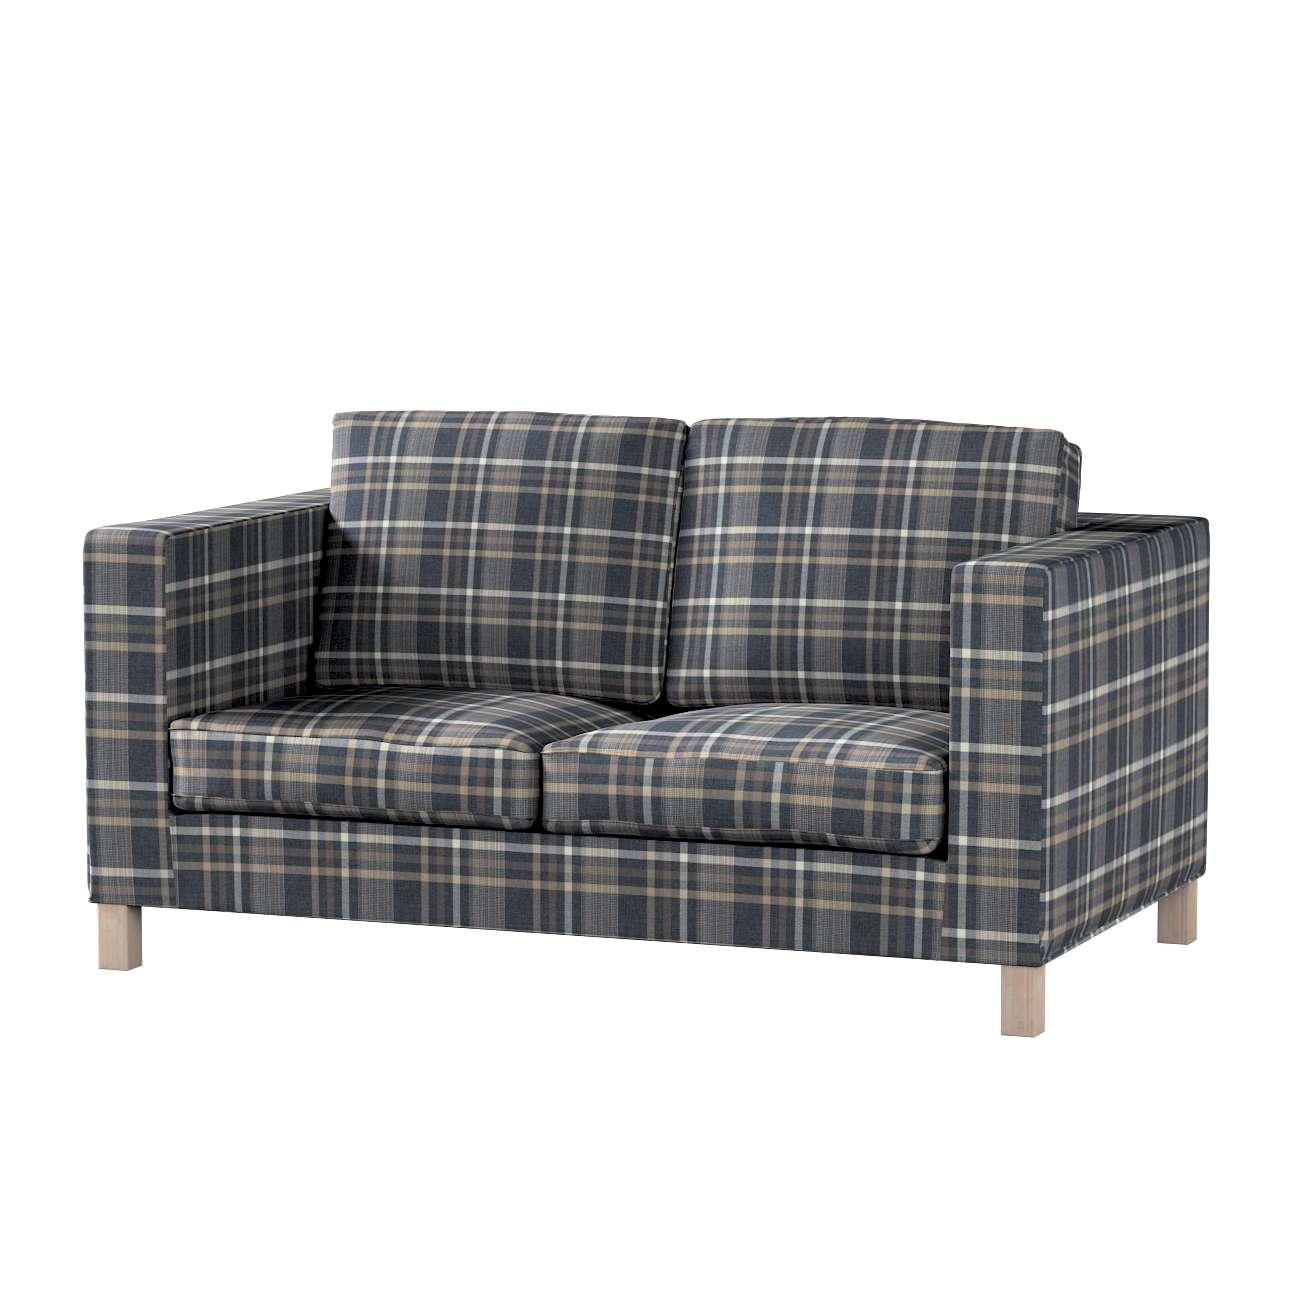 Pokrowiec na sofę Karlanda 2-osobową nierozkładaną, krótki w kolekcji Edinburgh, tkanina: 703-16